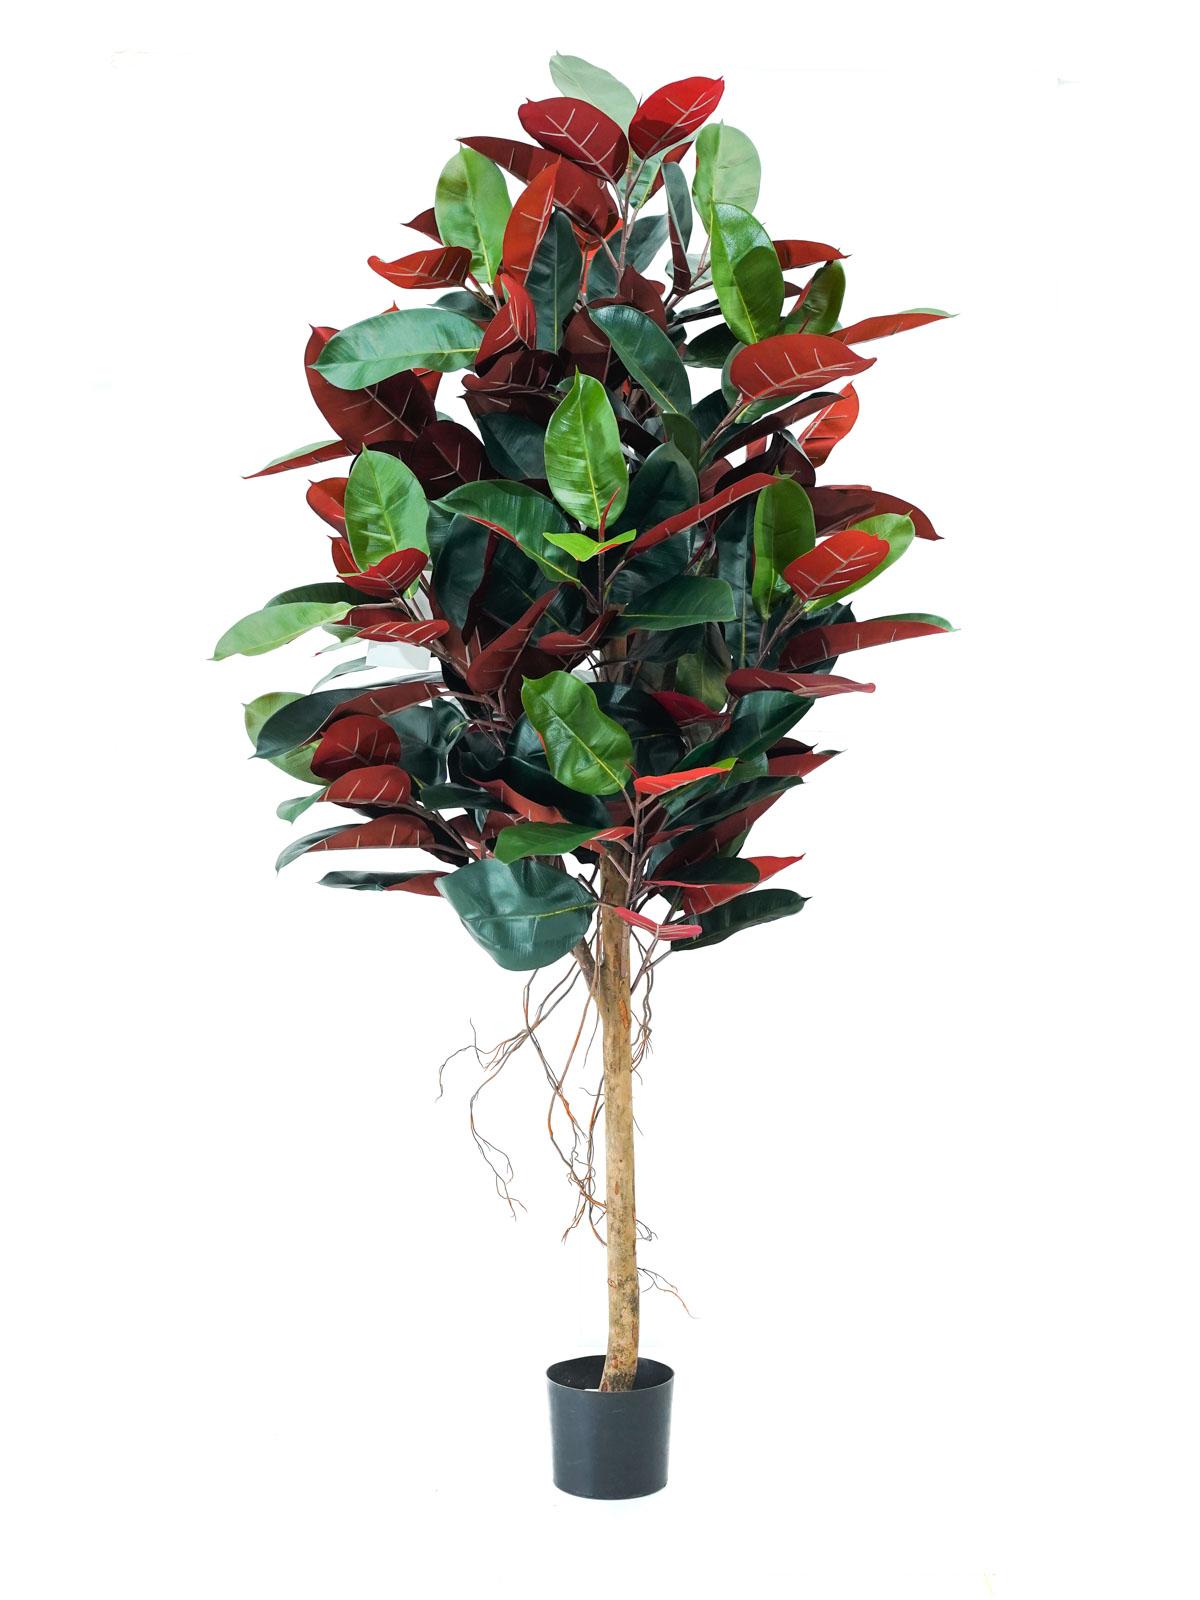 شجرة المطاط - وسط نباتات اصطناعية